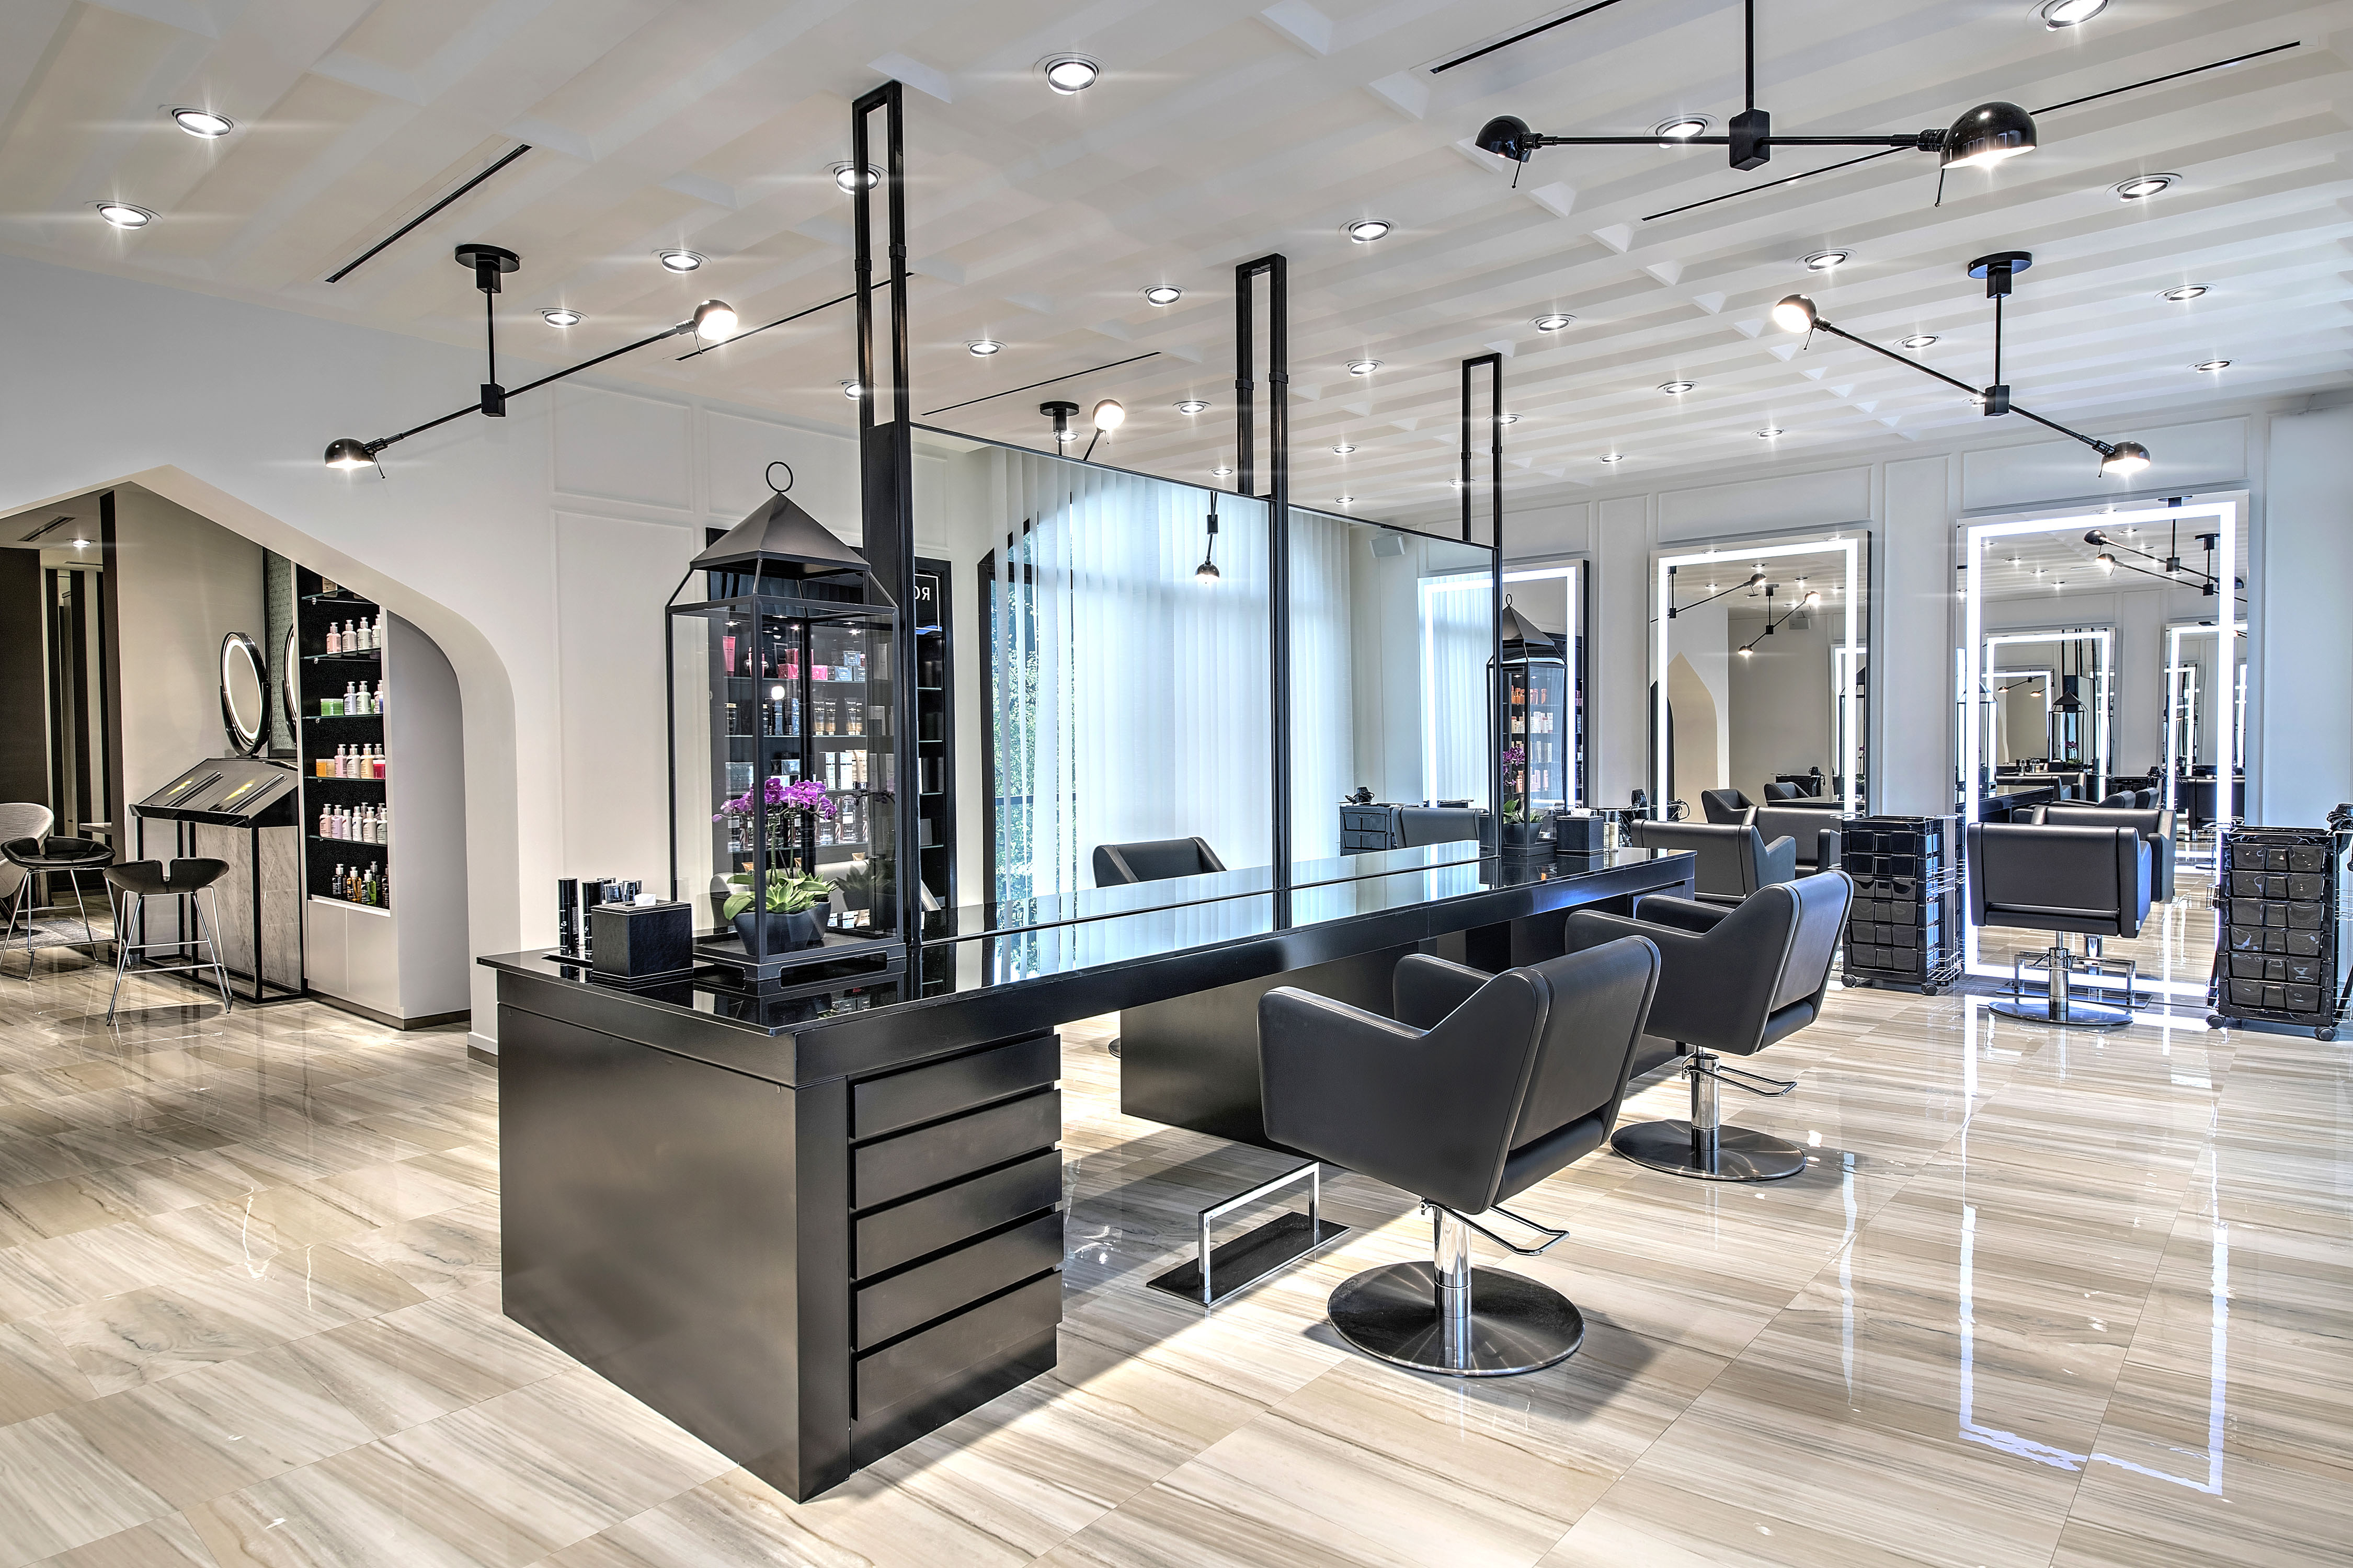 Brand Creative Designs - Salons, Beauty & Wellness